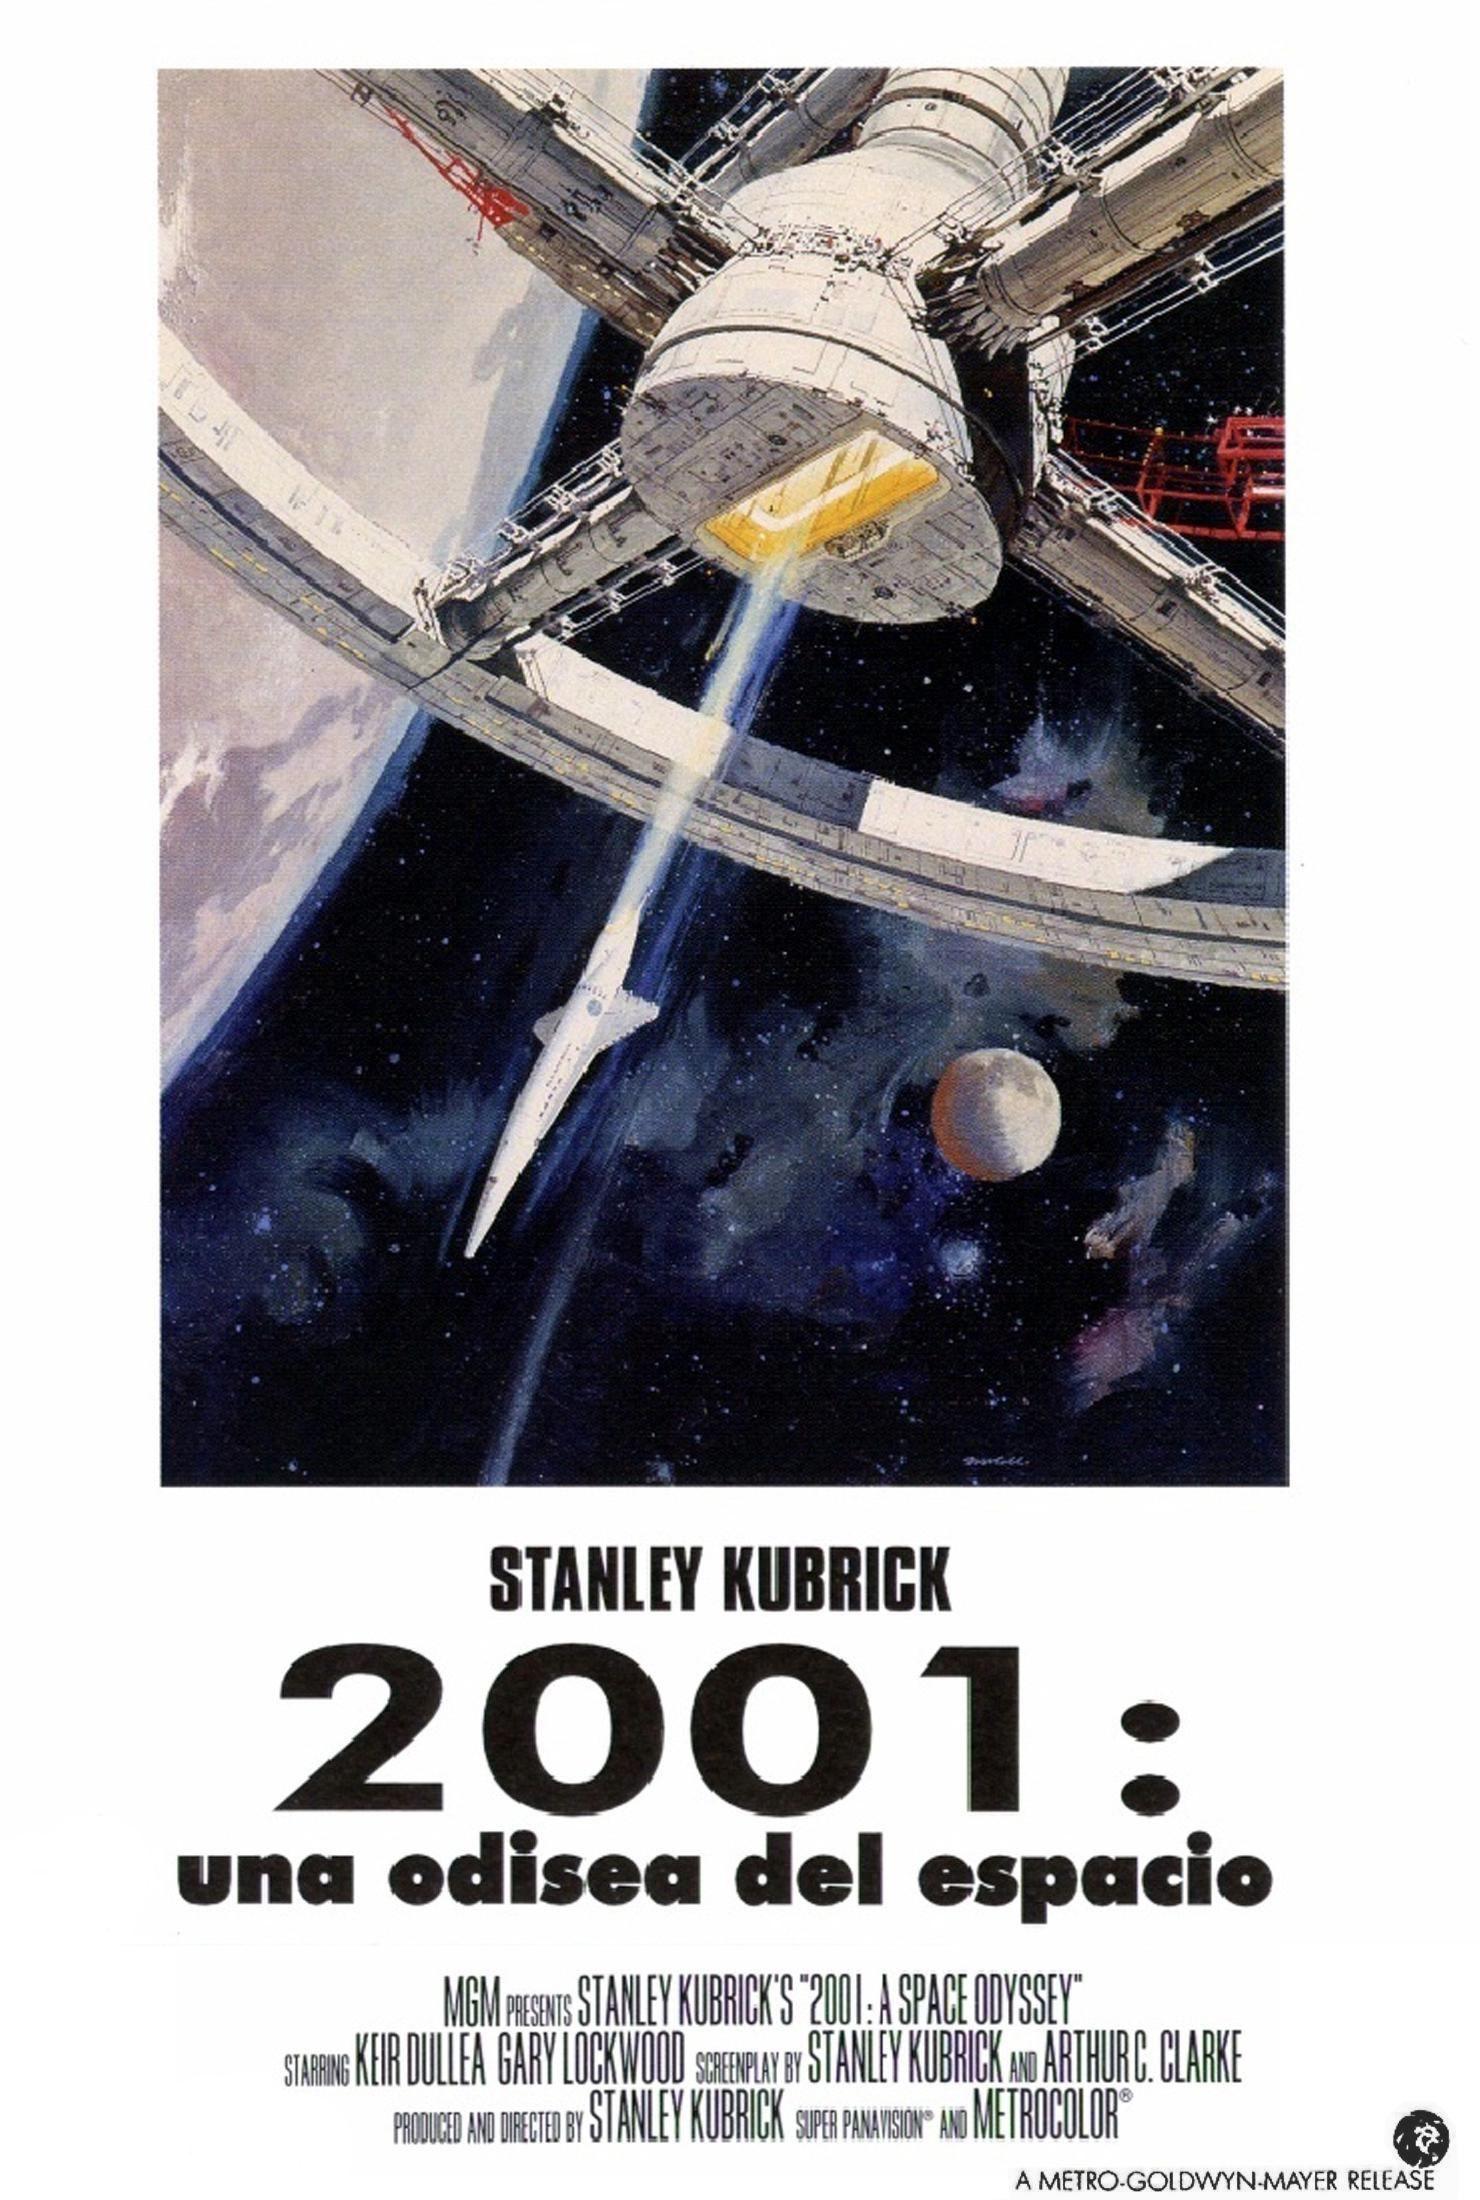 2001 Una Odisea Del Espacio 1968 Reio Unido Dir Stanley Kubrick Ciencia Ficcion Peliculas De Odisea Del Espacio 2001 Una Odisea En El Espacio La Odisea